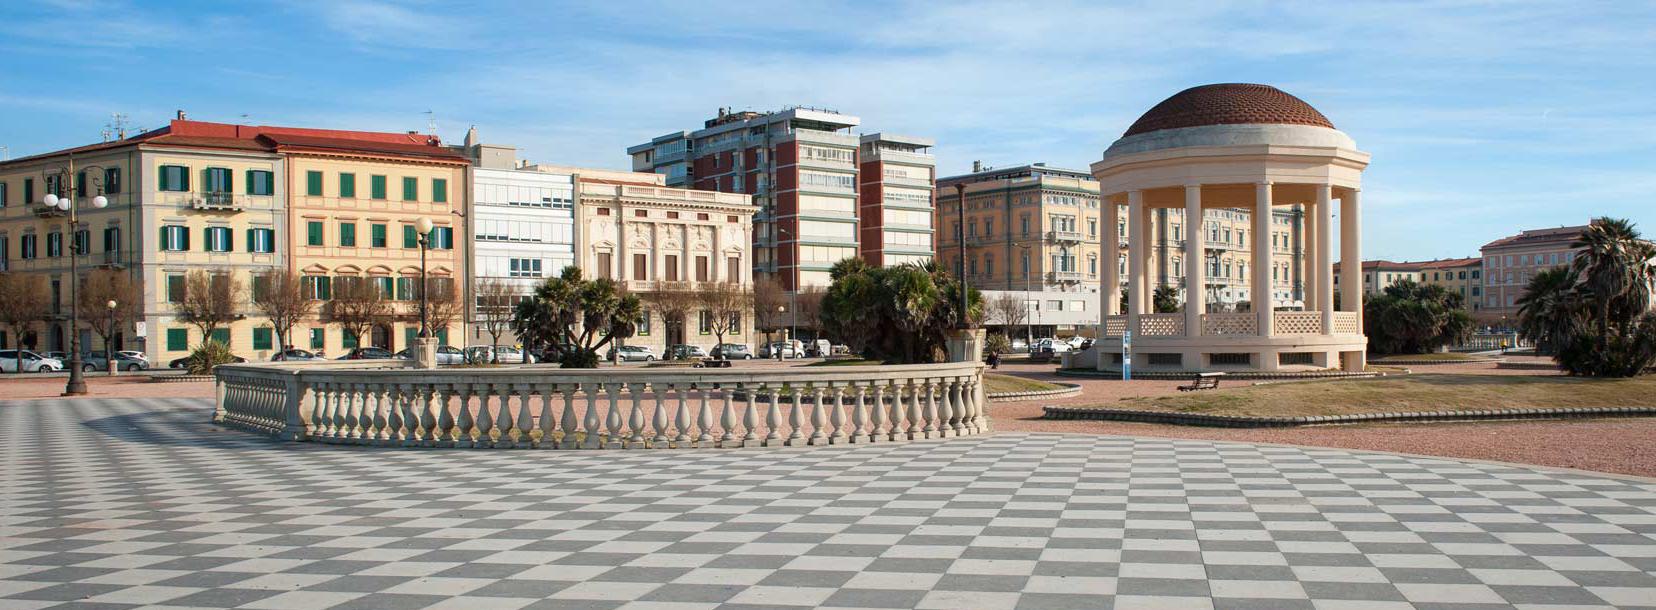 Livorno-terrazza-mascagni - Tirrenica Mobilità